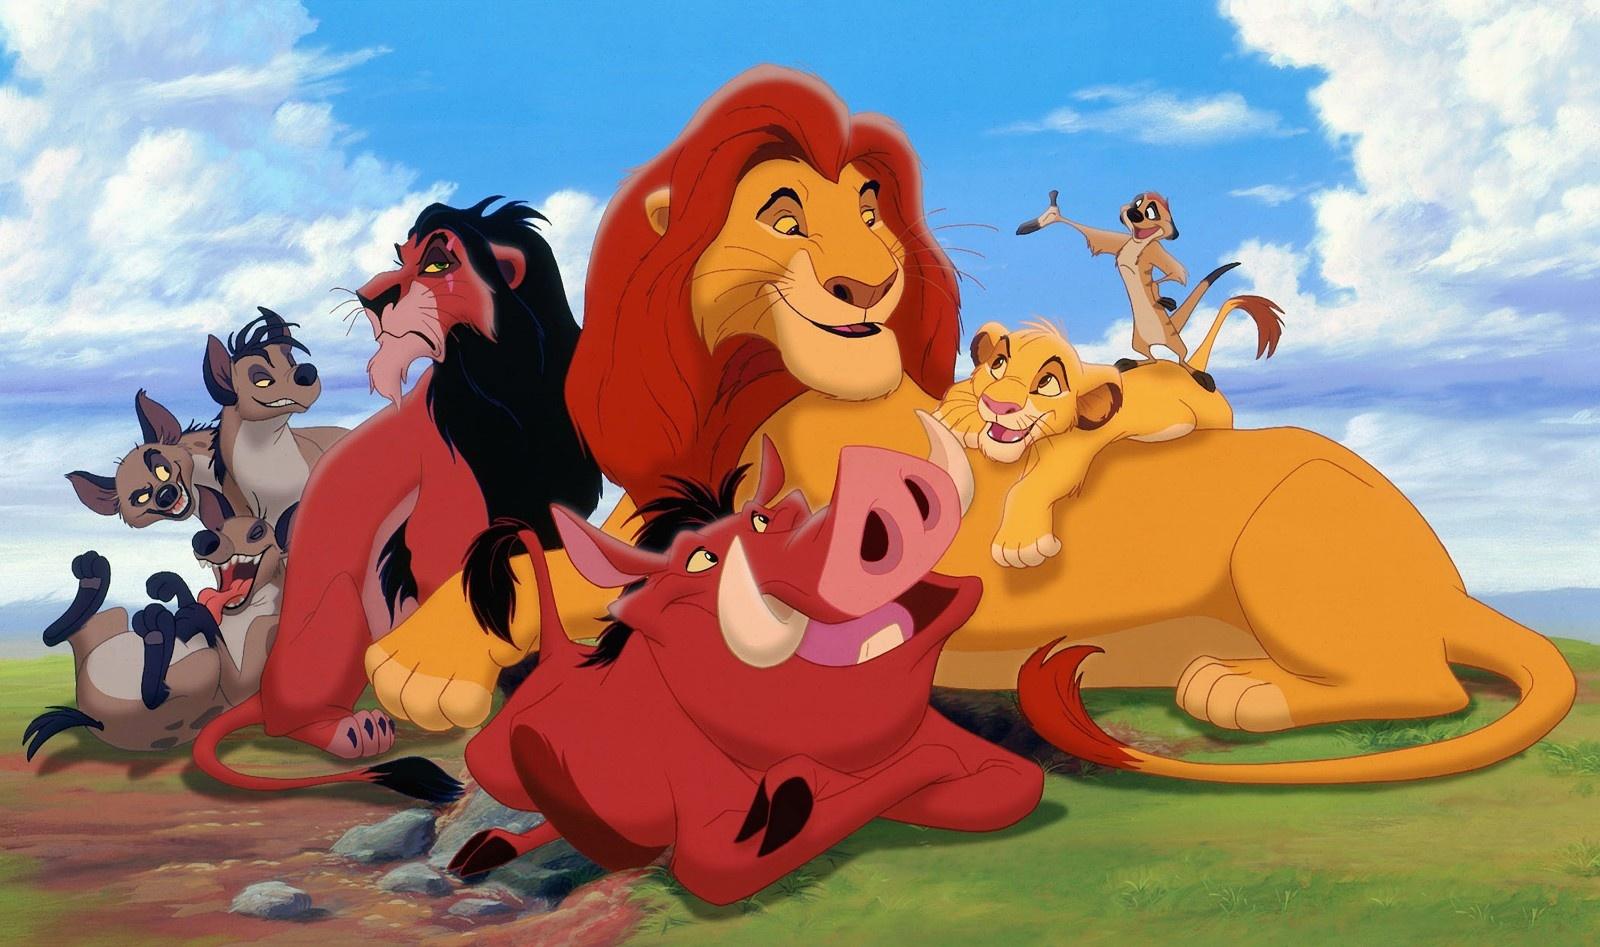 从预告的表现来看,真人版《狮子王》中不会有人类演员,cg化的动物也